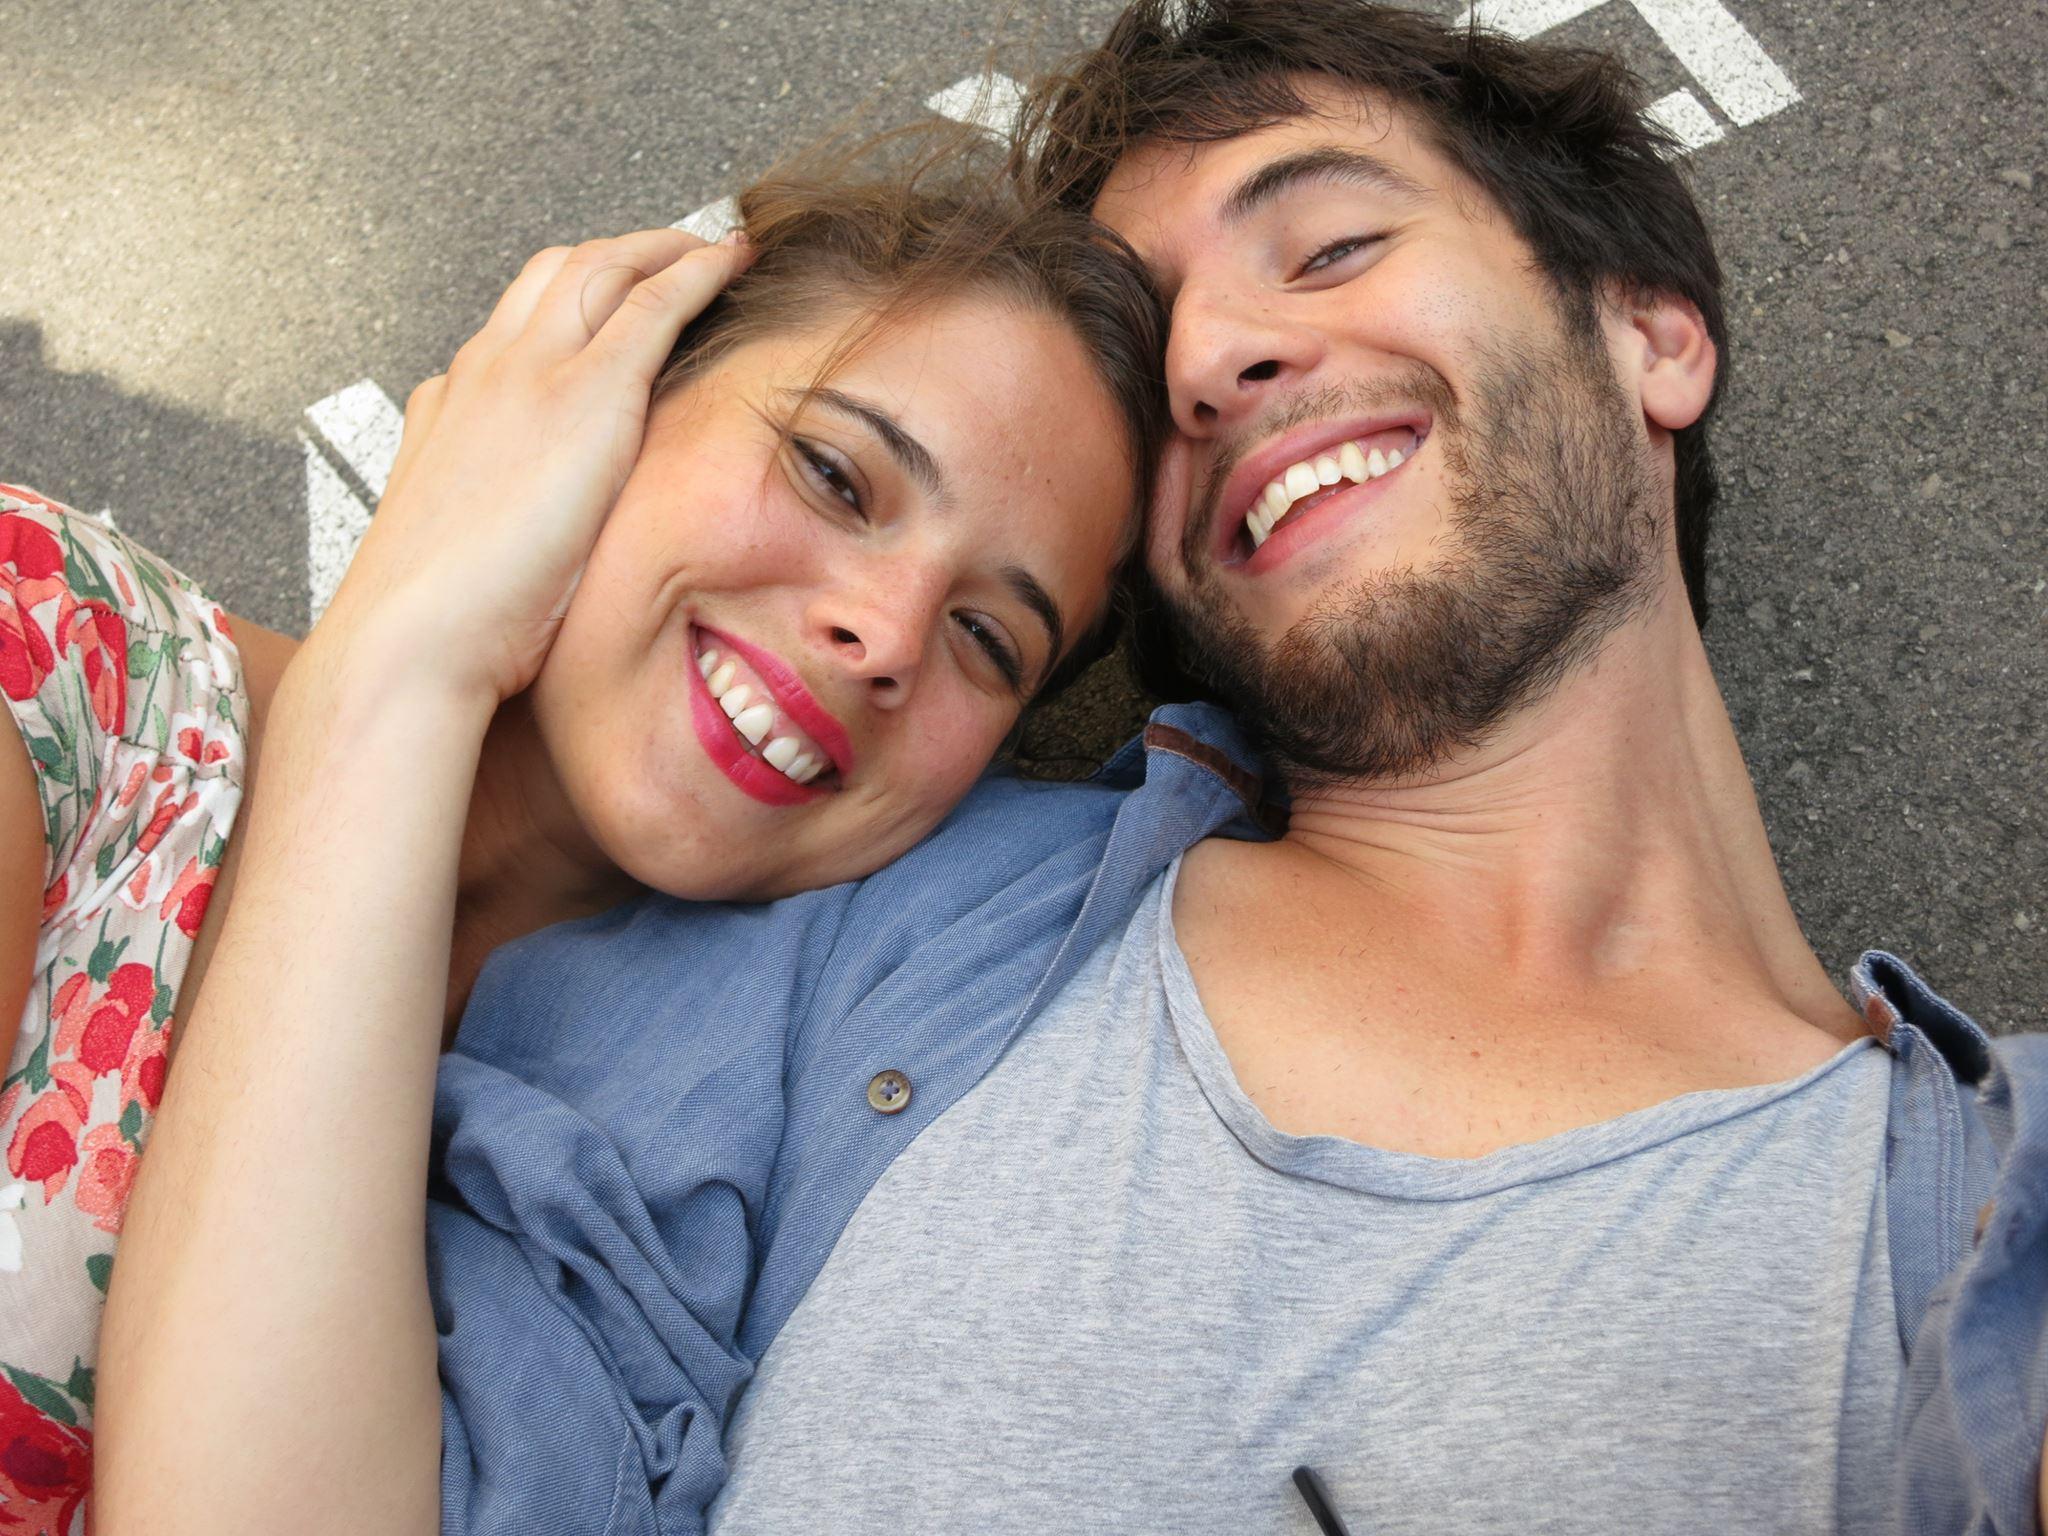 cualidades-que-debes-desarrollar-para-mantener-tu-matrimonio-01